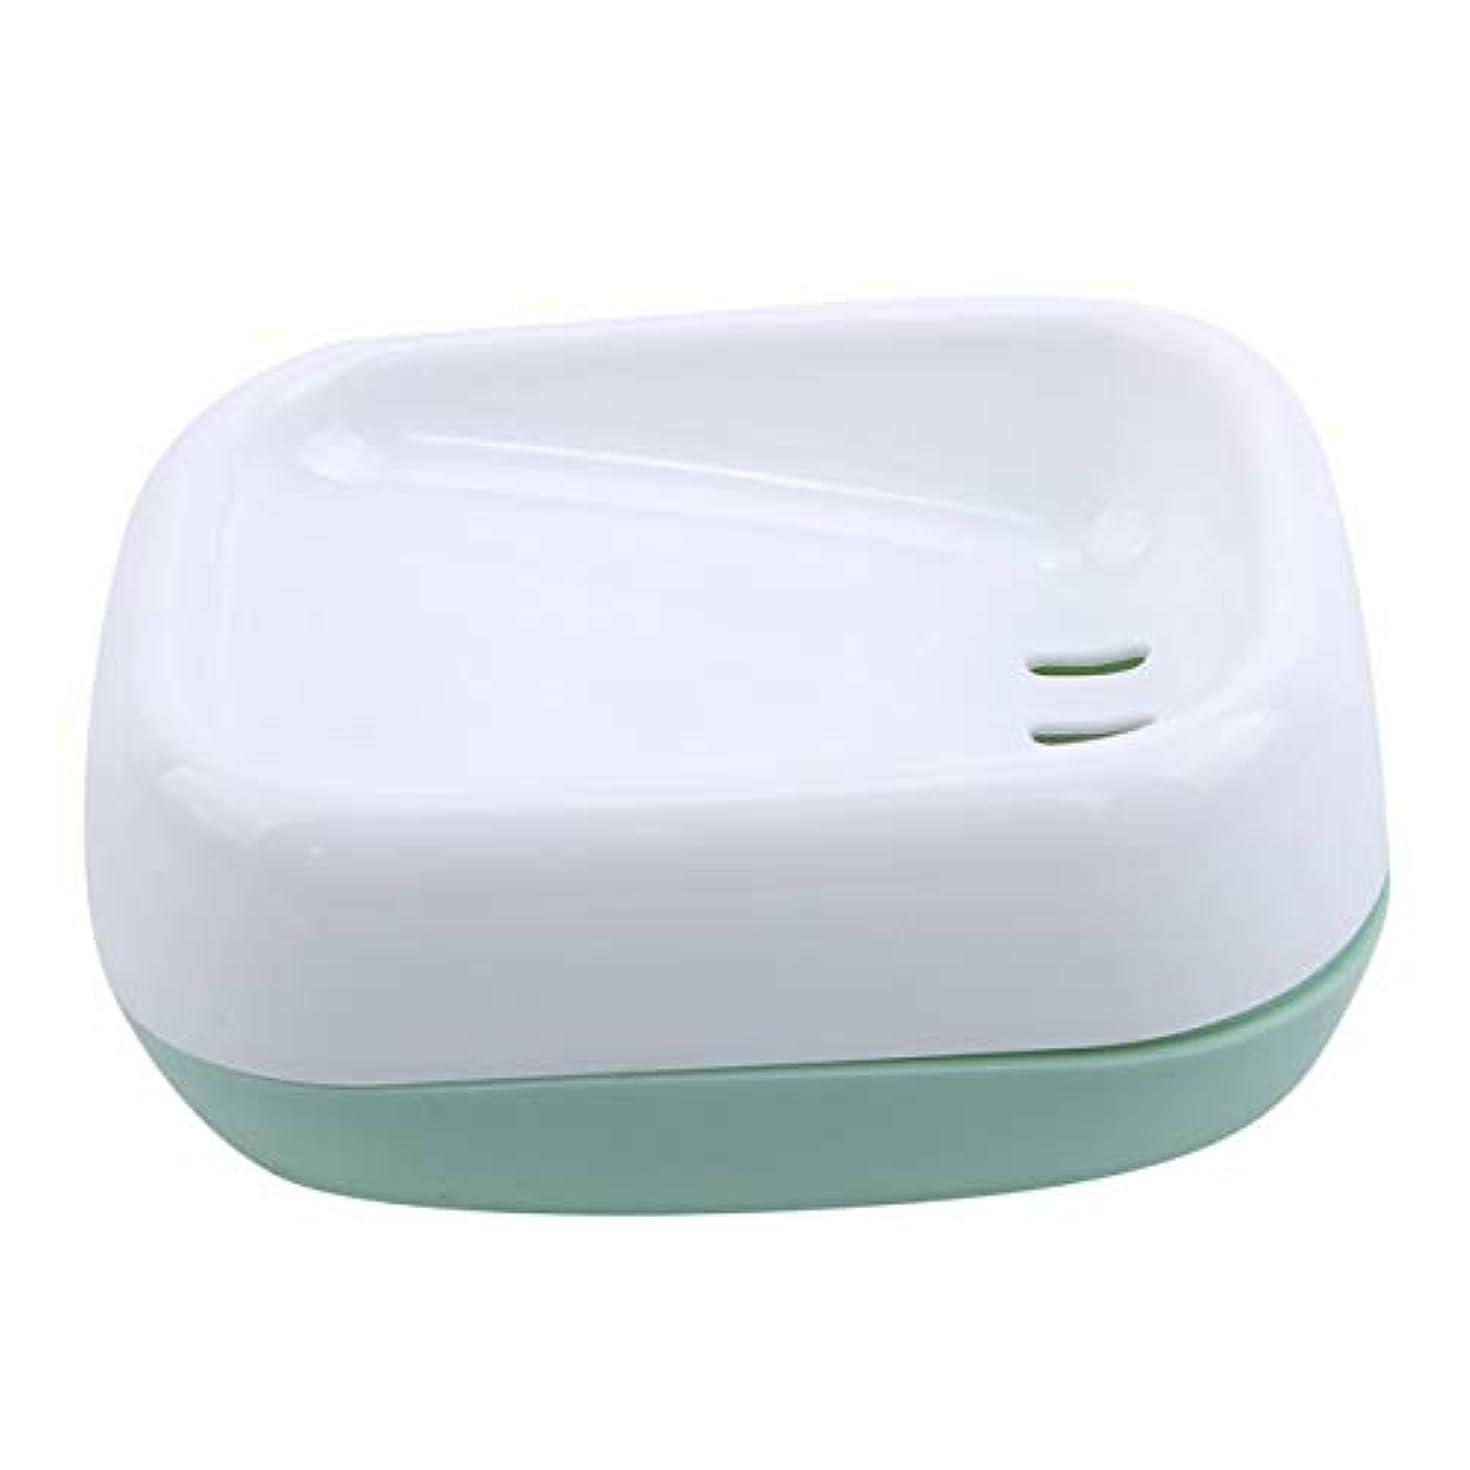 天国ガソリン電信ZALINGソープディッシュボックス浴室プラスチック二重層衛生的なシンプル排水コンテナソープディッシュグリーン